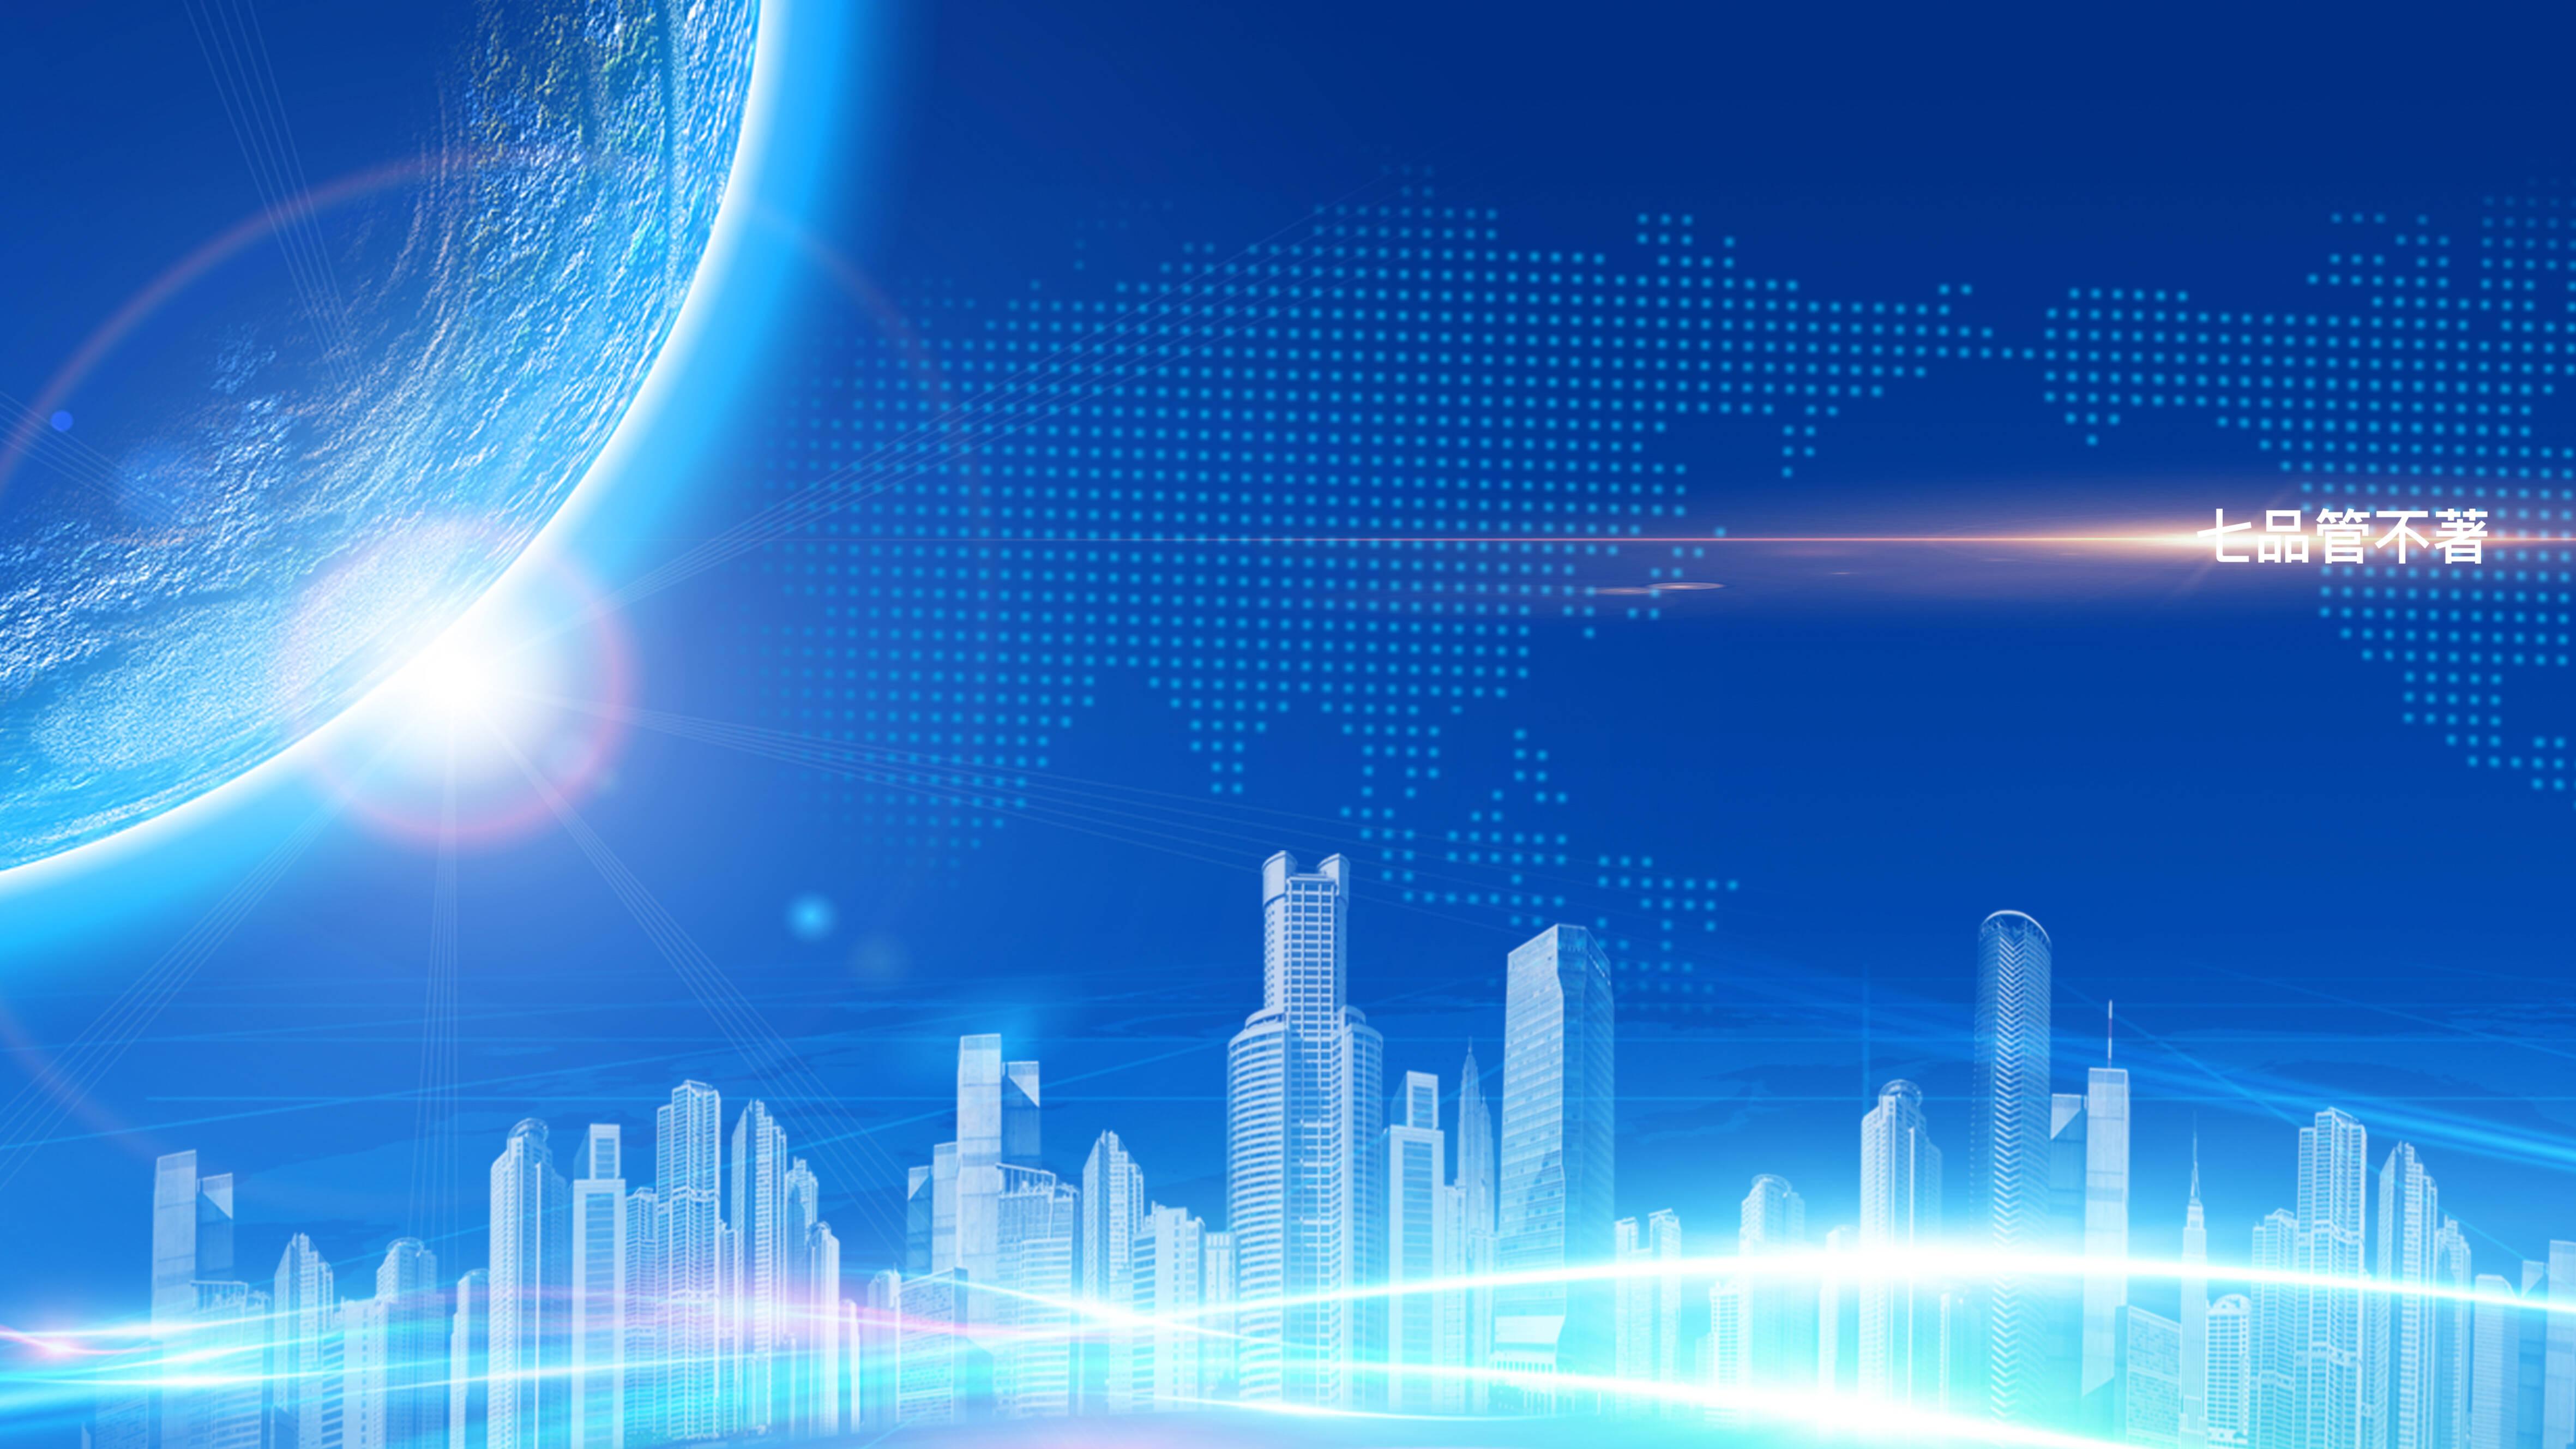 領航未來5年的5大科技趨勢